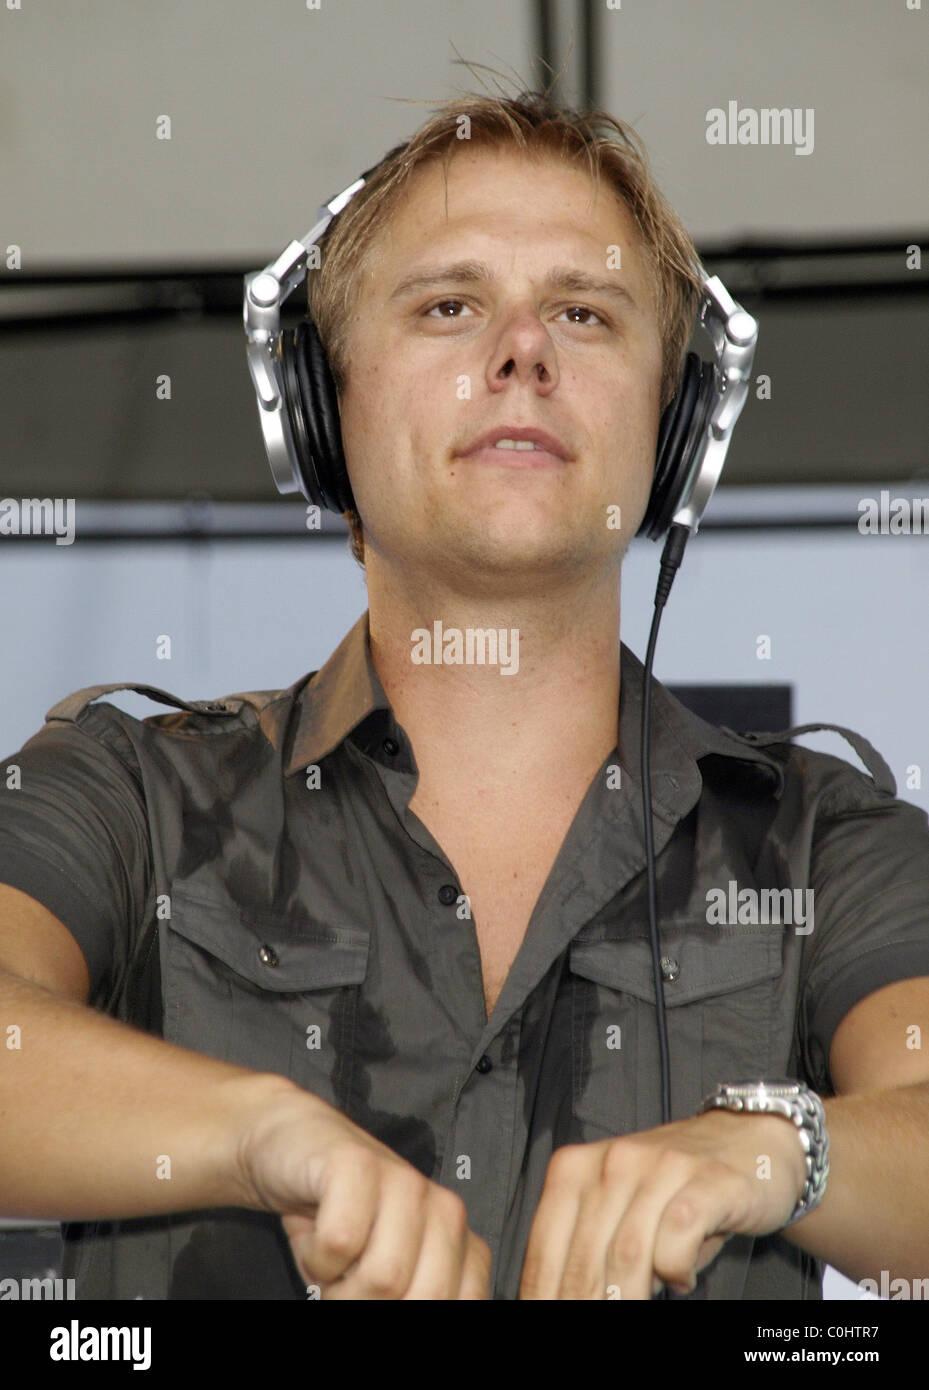 Trance music producer and DJ, Armin van Buuren plays at McCarren